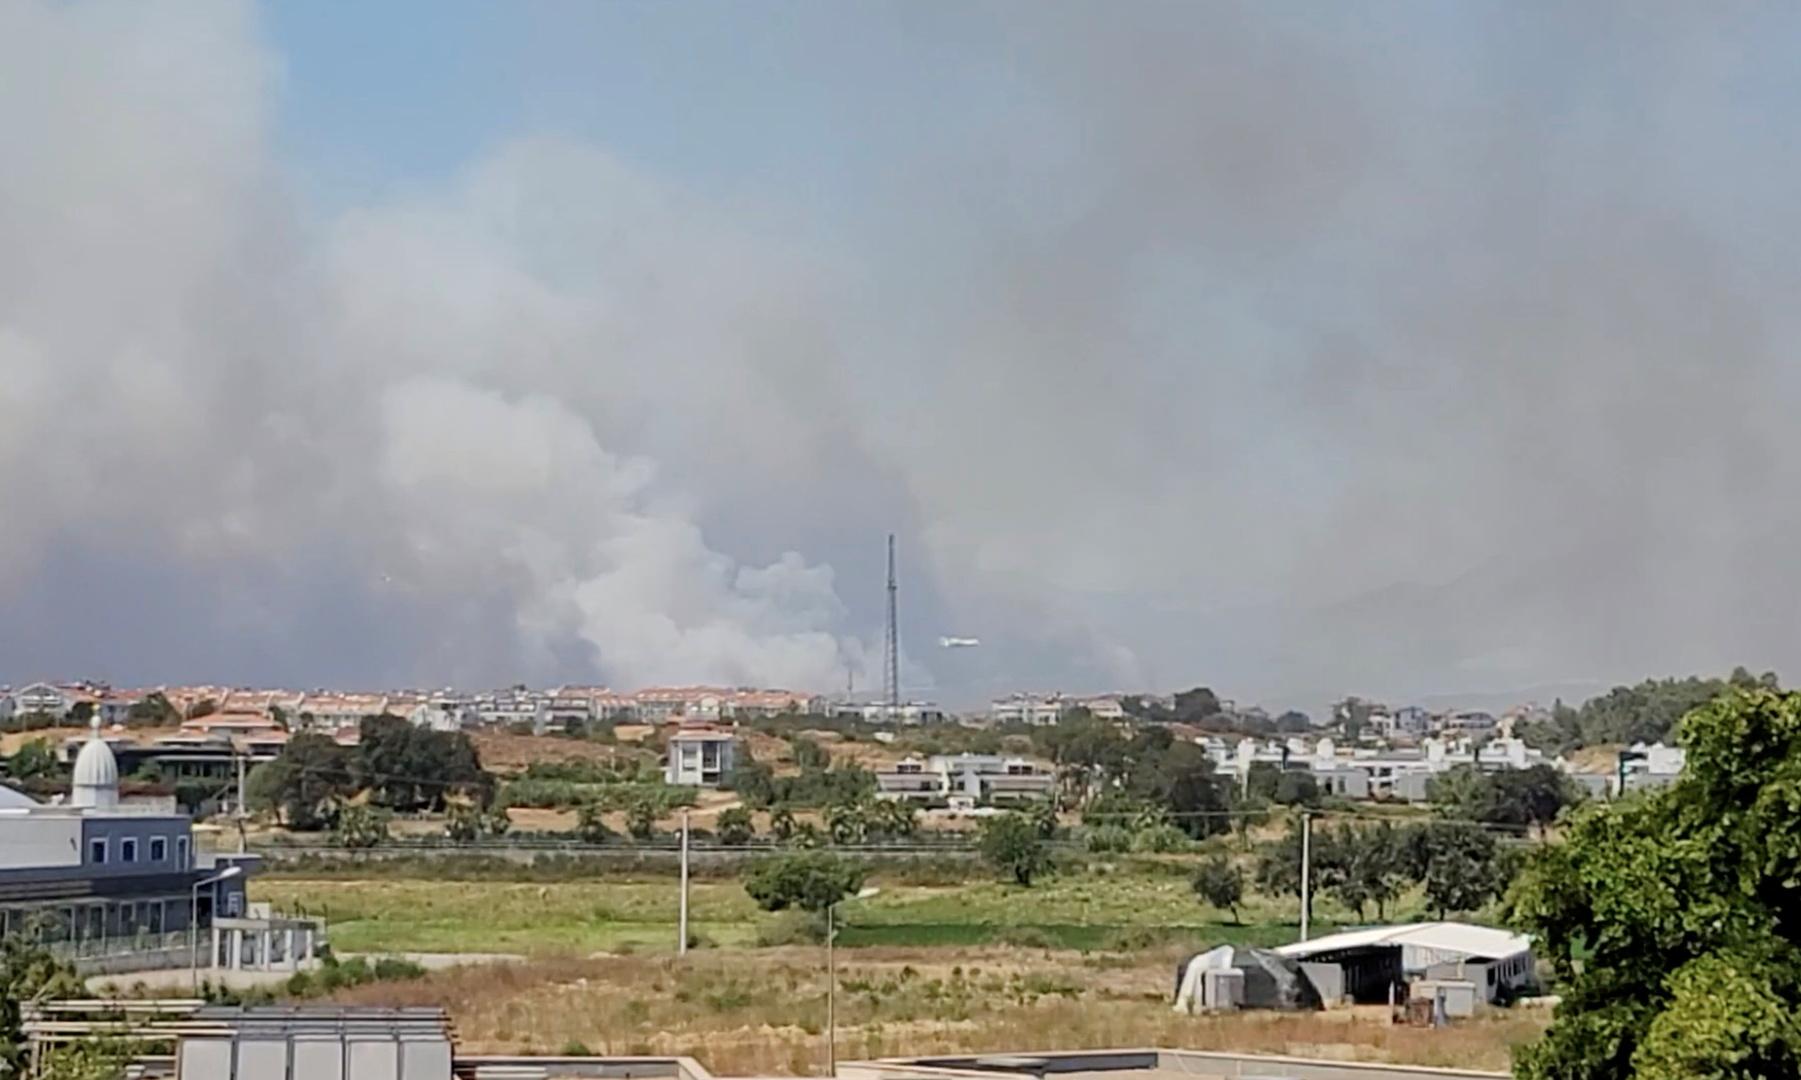 إخلاء منازل ومستشفيات في جنوب تركيا بعد انتشار حرائق الغابات (فيديو)